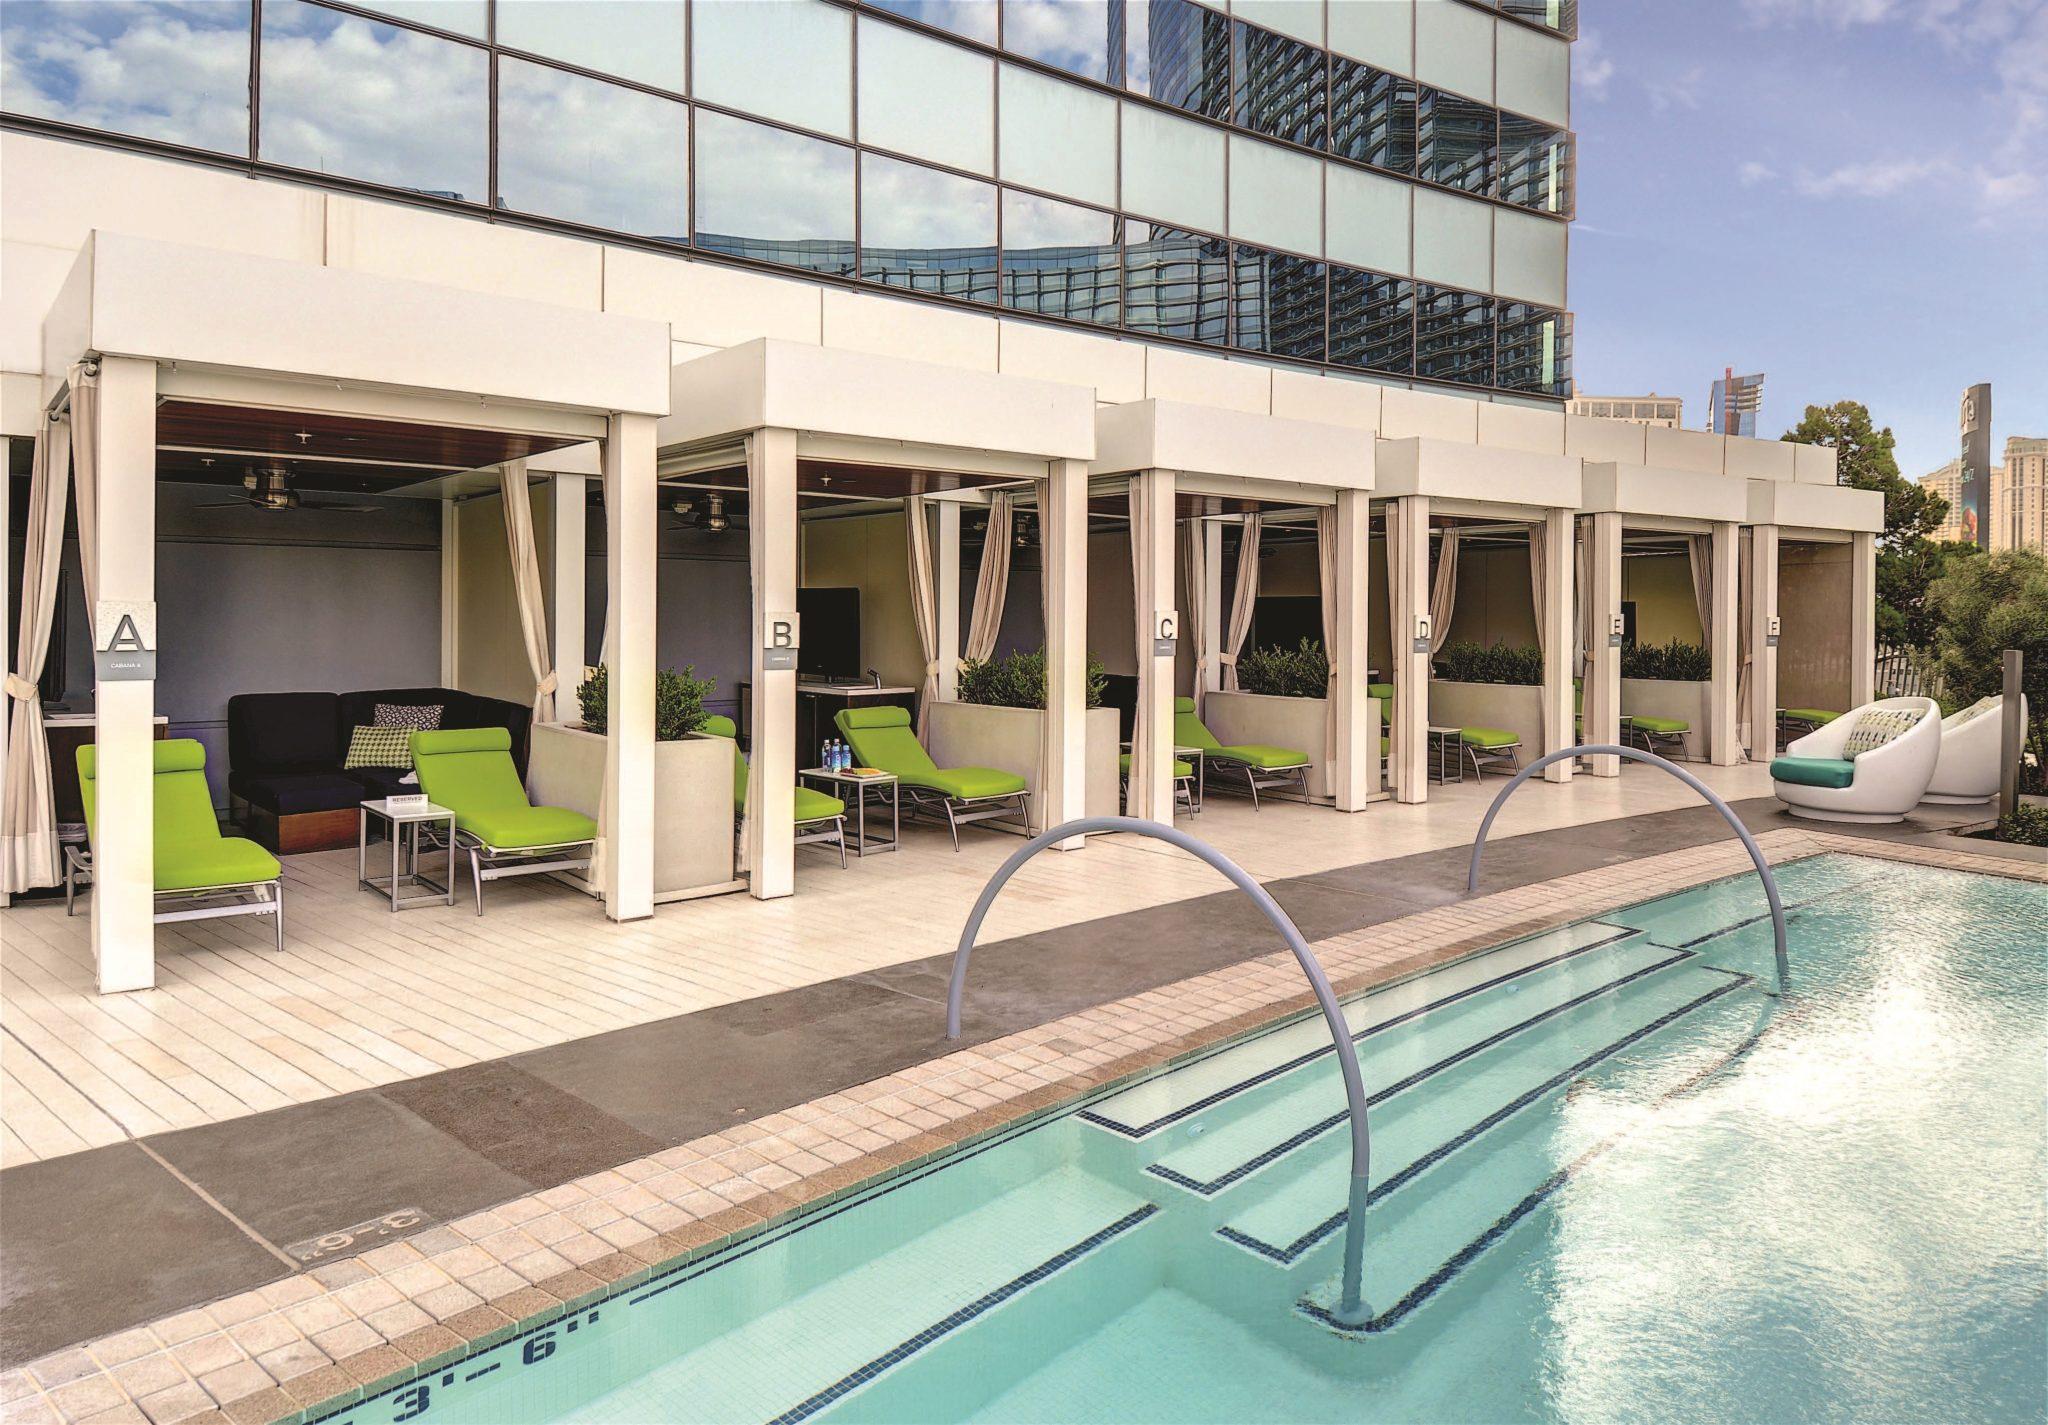 Las Vegas: Is Vdara Hotel Good for Kids?